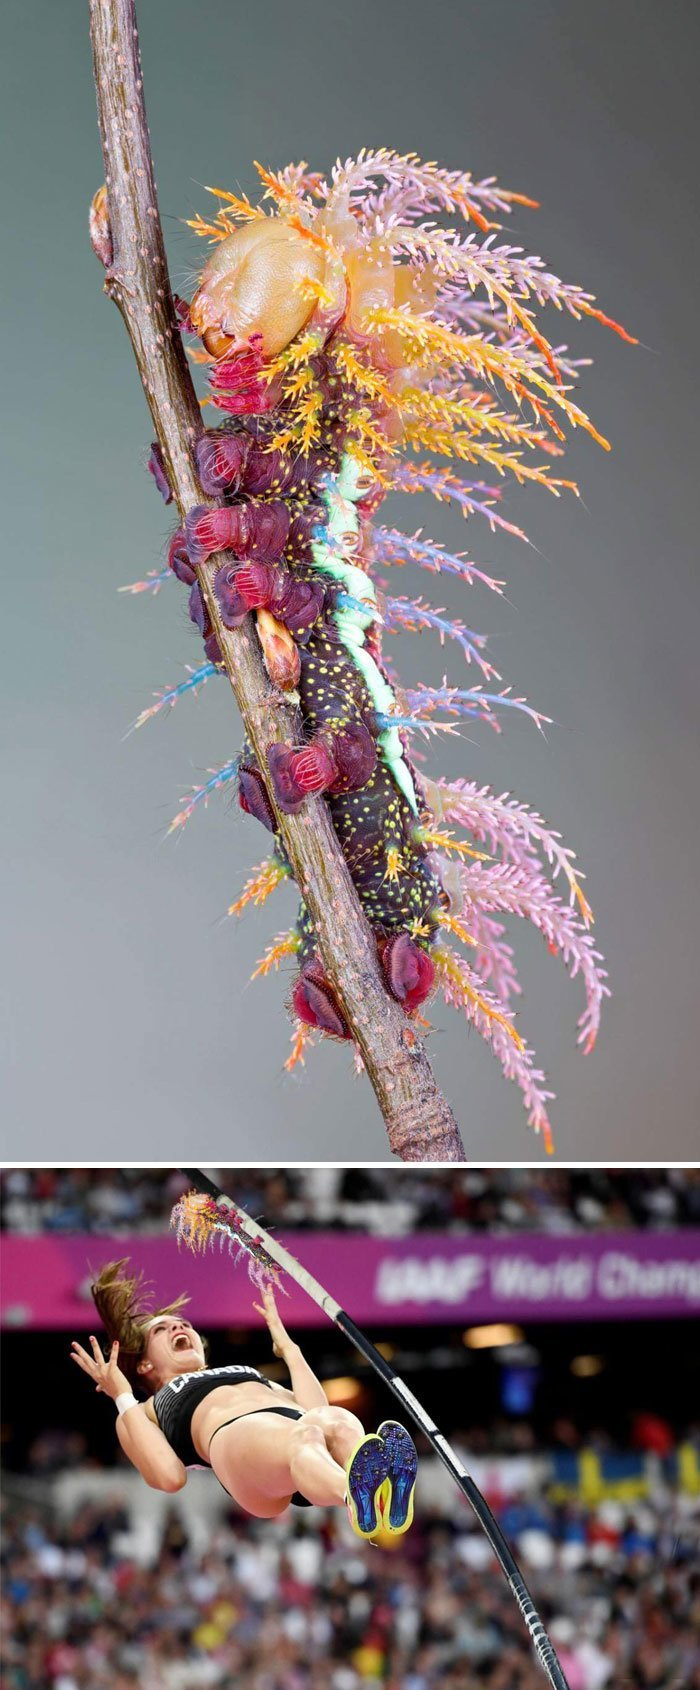 6. Гусеница одной из бабочек семейства павлиноглазки животные, забавно, люди, подборка, фотошоп, юмор